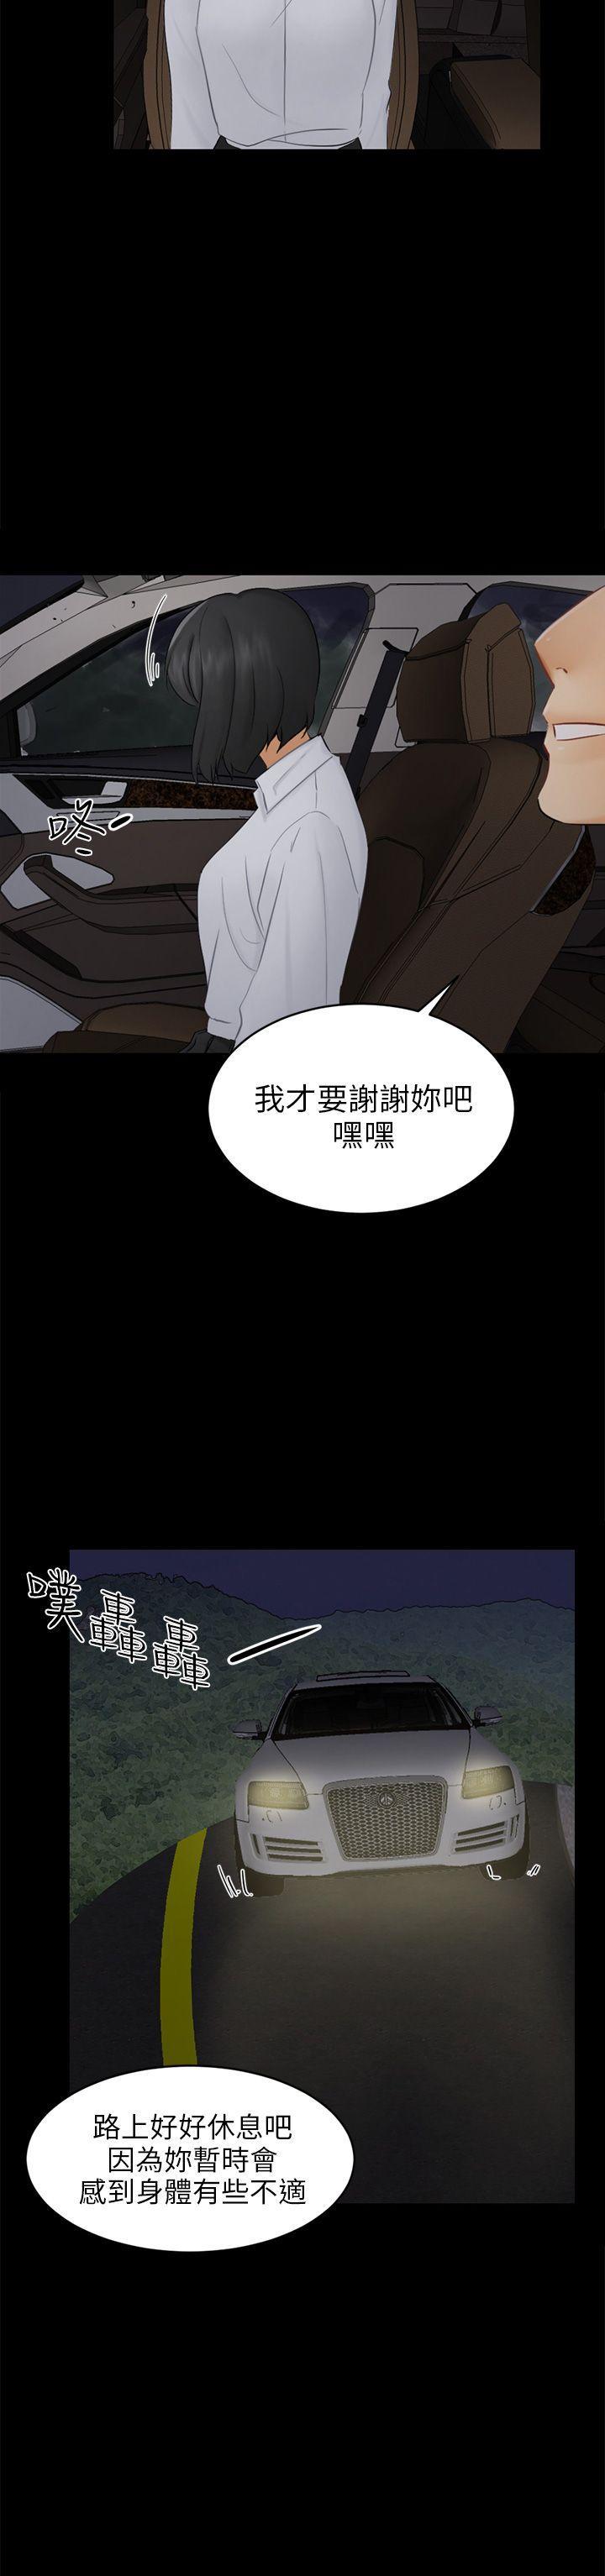 騙局-第18話 資格全彩韩漫标签